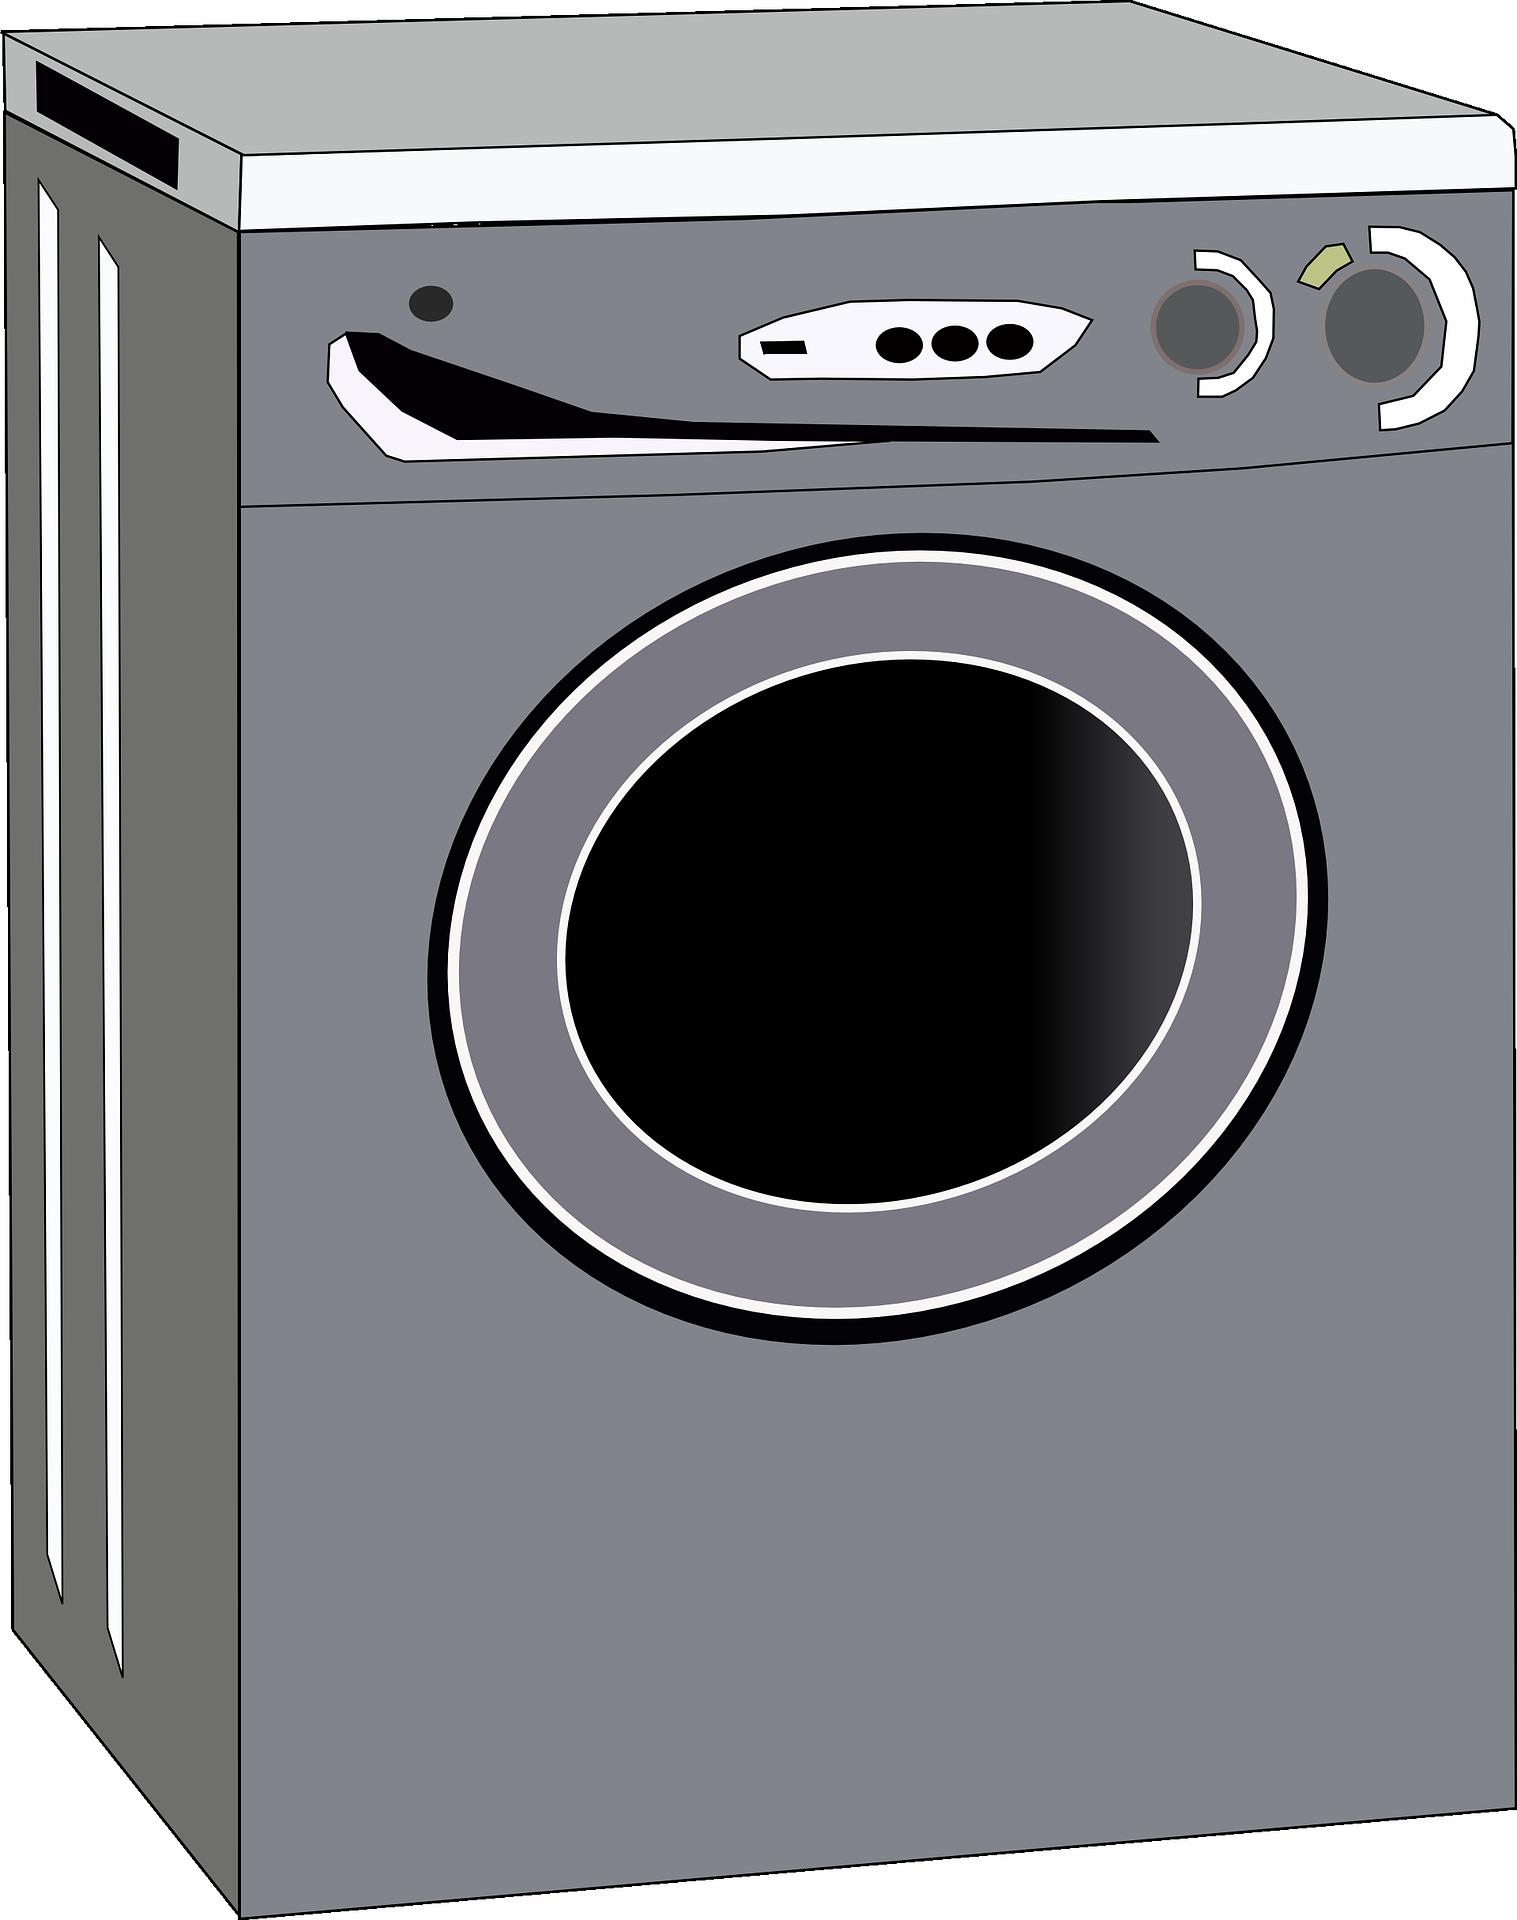 tipps zum waschmaschinenkauf bienenstube. Black Bedroom Furniture Sets. Home Design Ideas